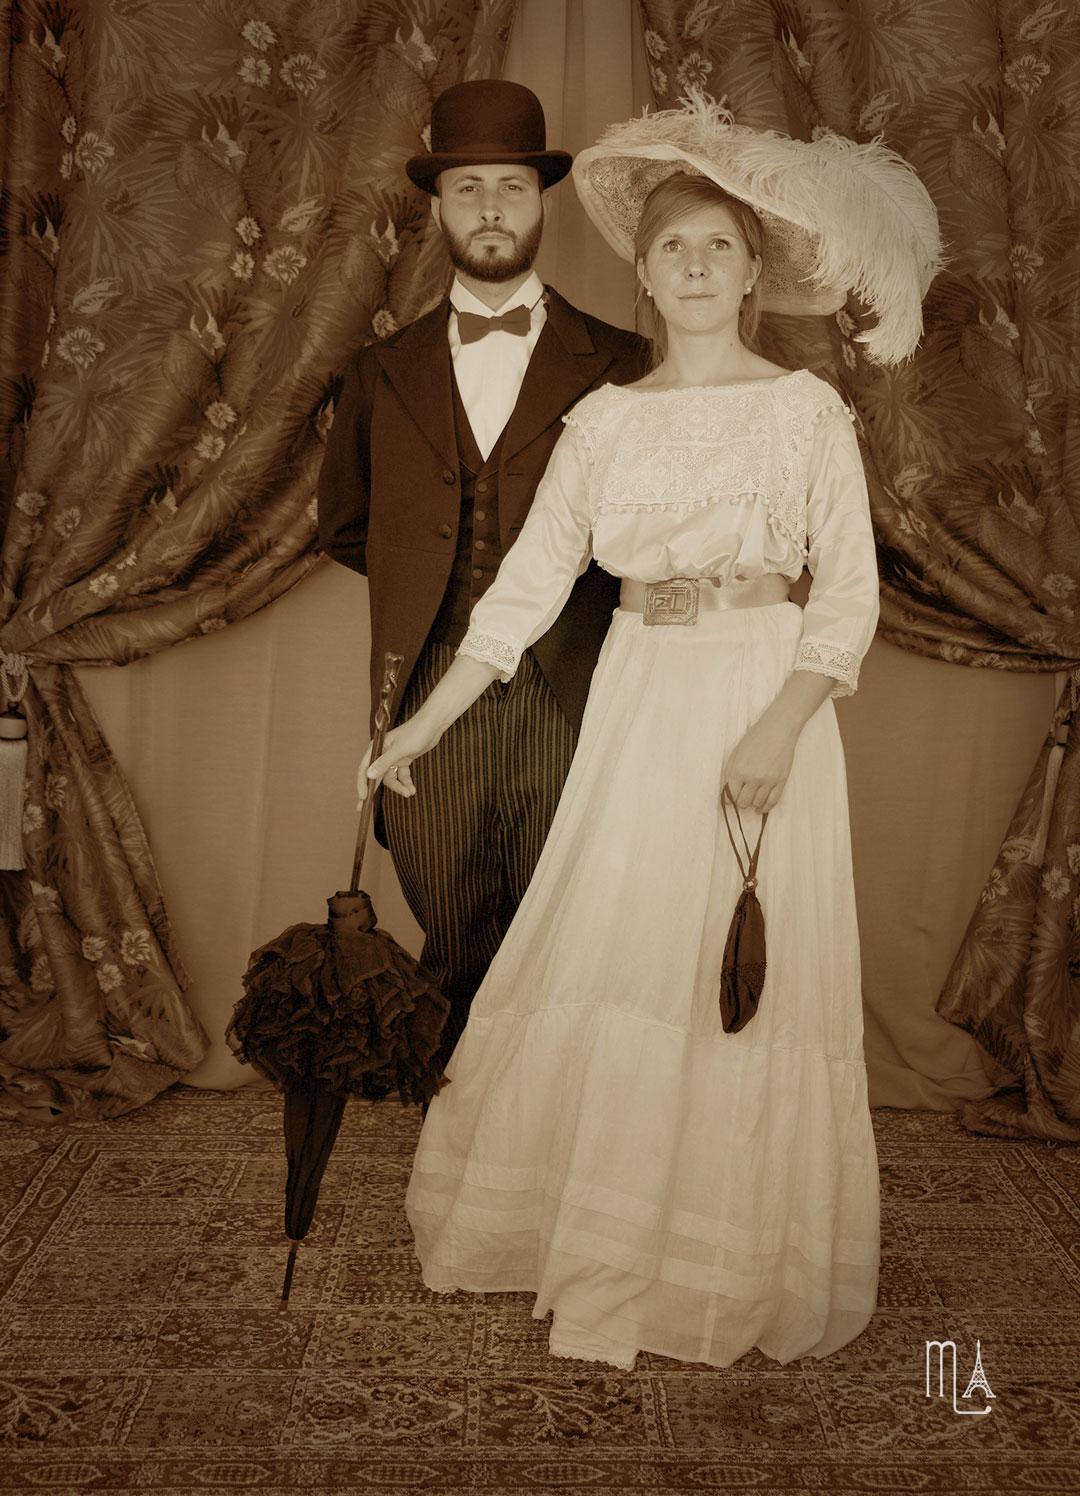 photo-rétro-couple-Julie-romain